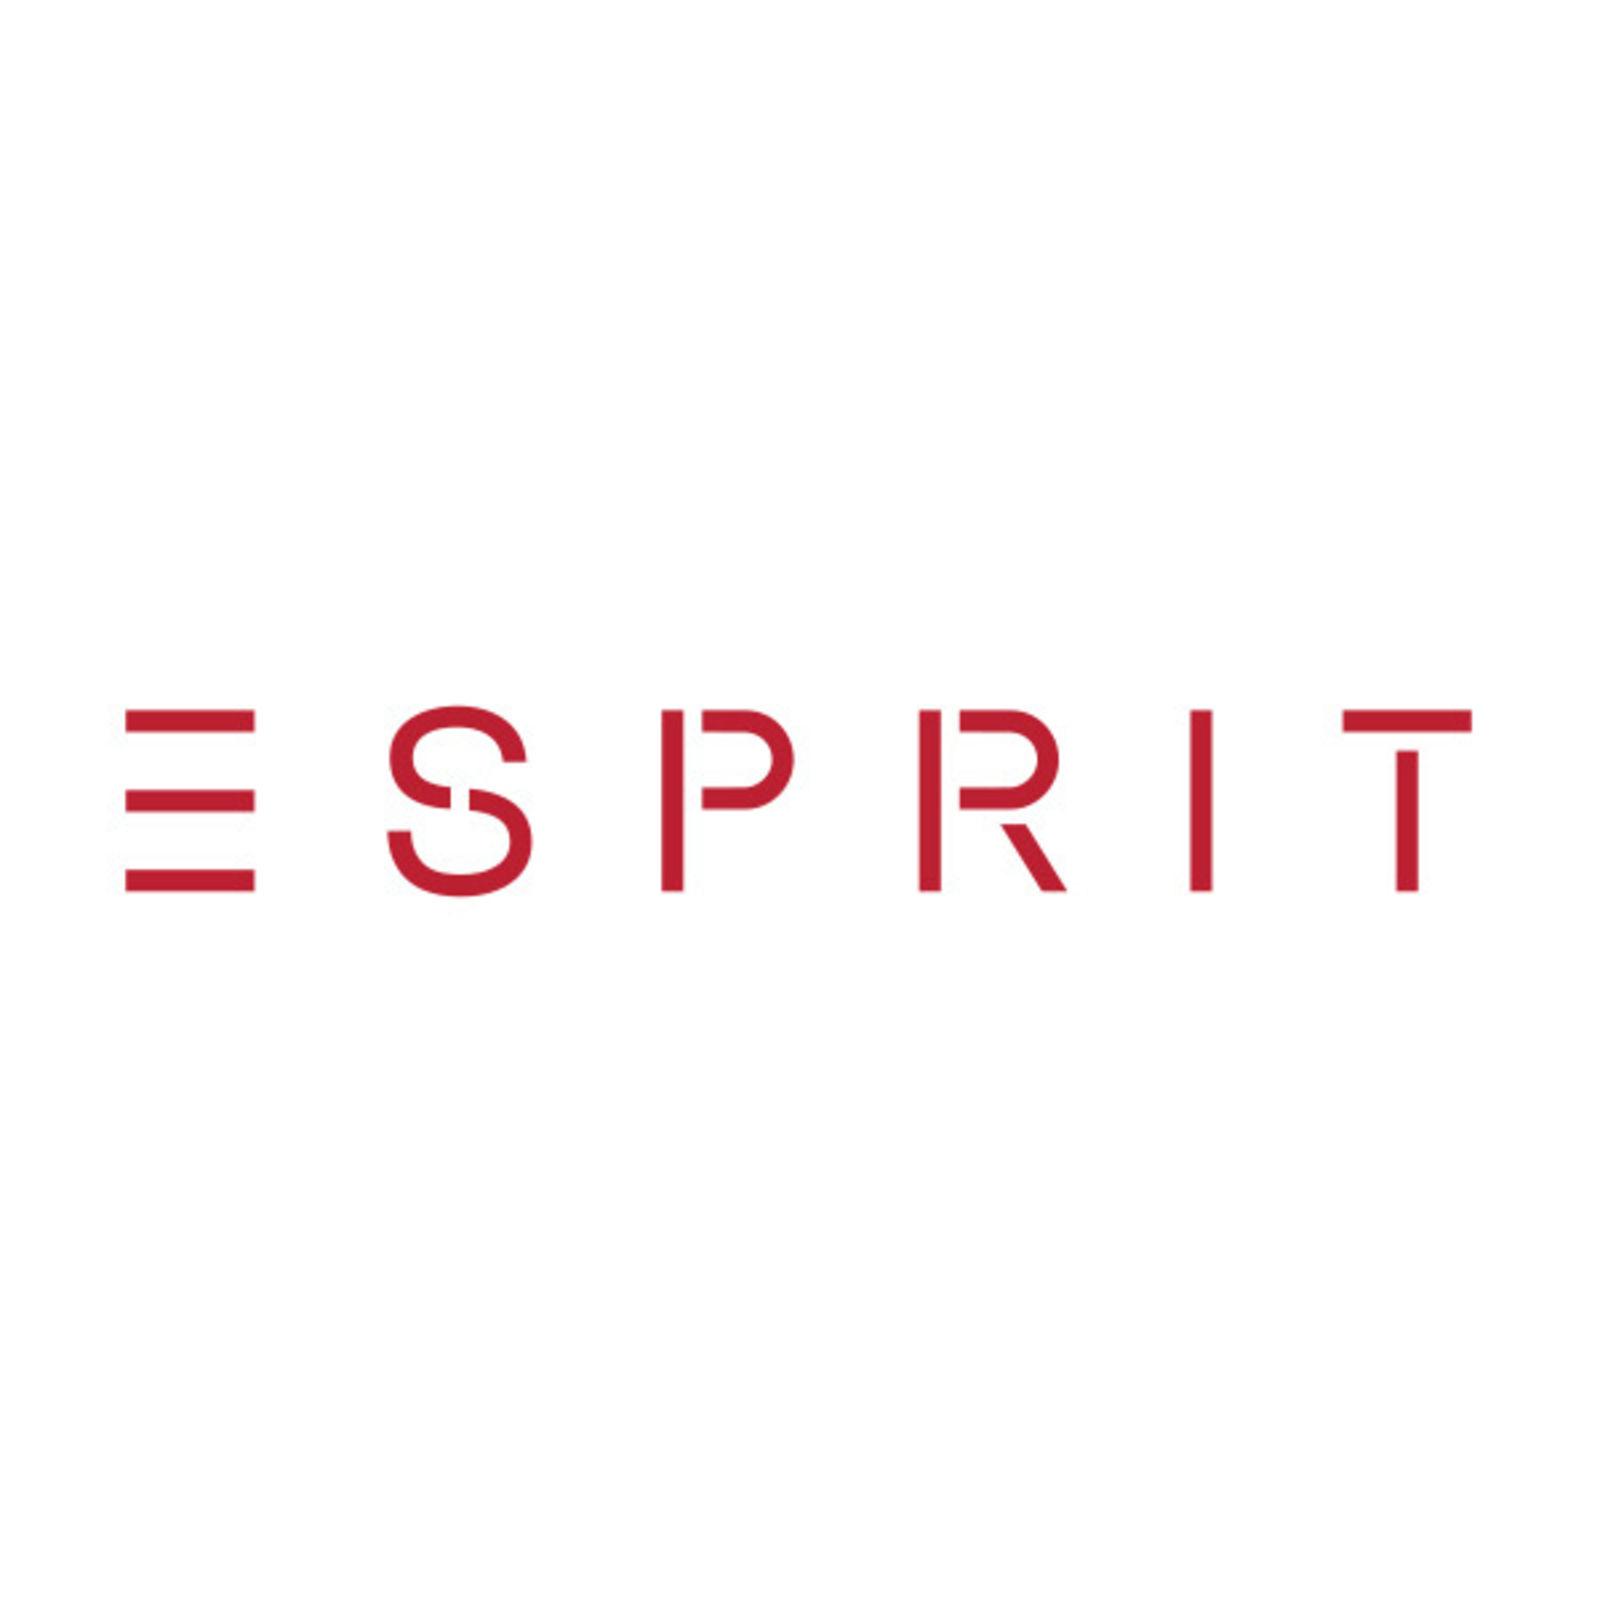 ESPRIT (Image 1)